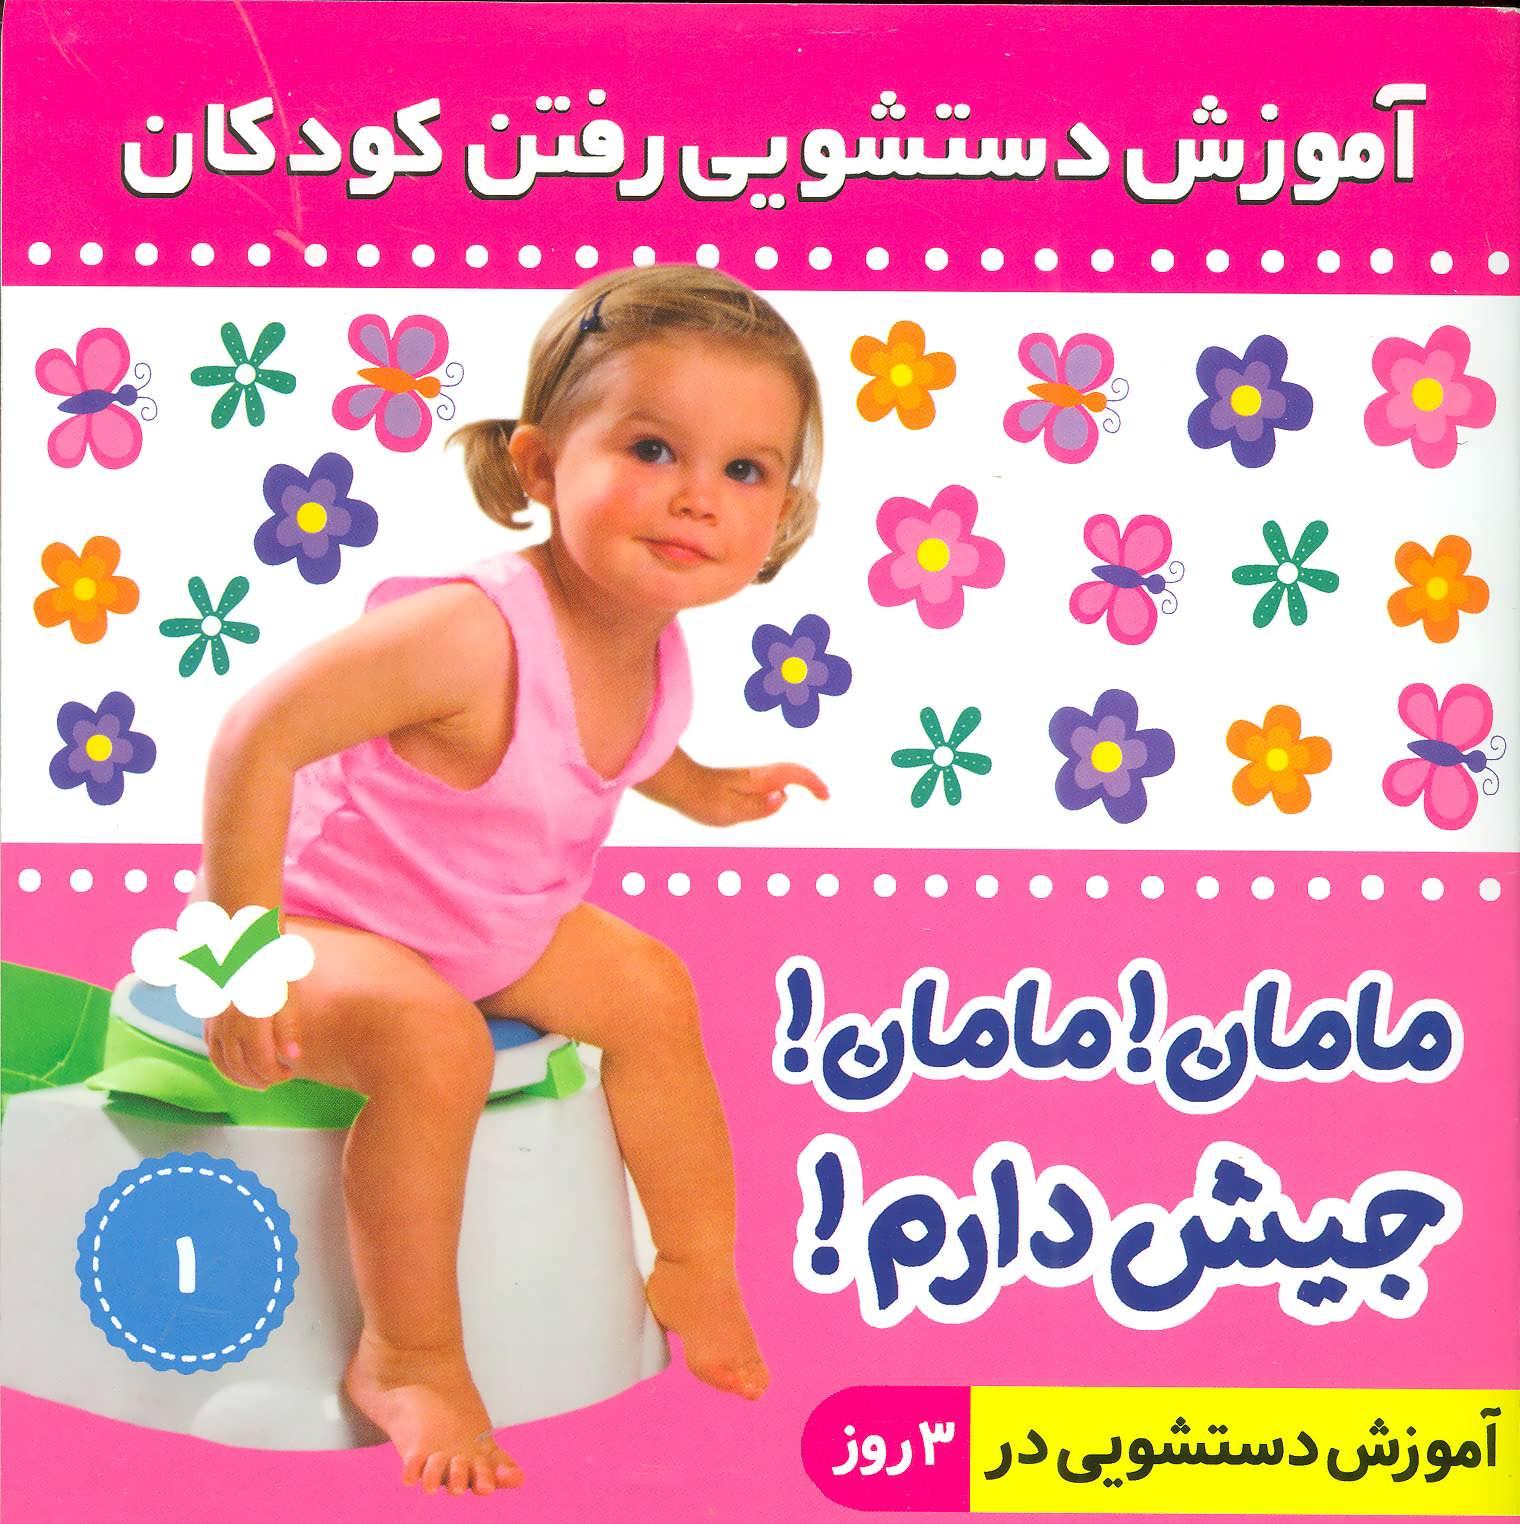 آموزش دستشویی رفتن کودکان 1 (مامان!مامان!جیش دارم!)،(گلاسه)